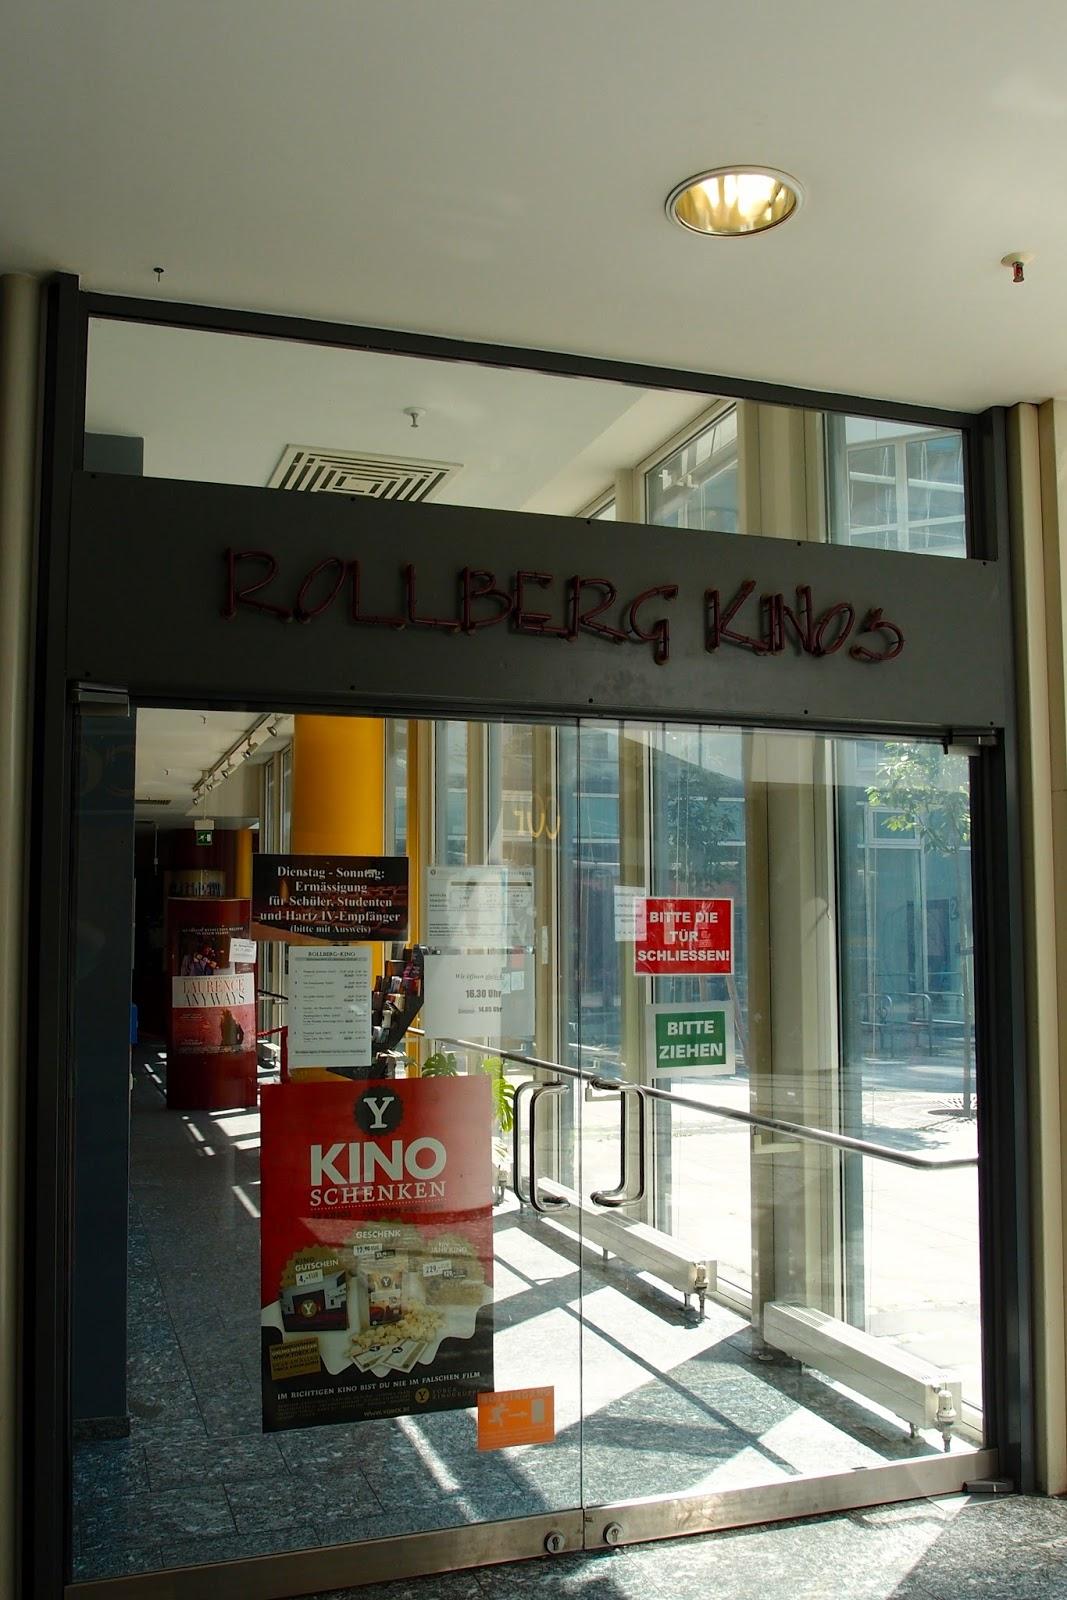 rollberg kinos